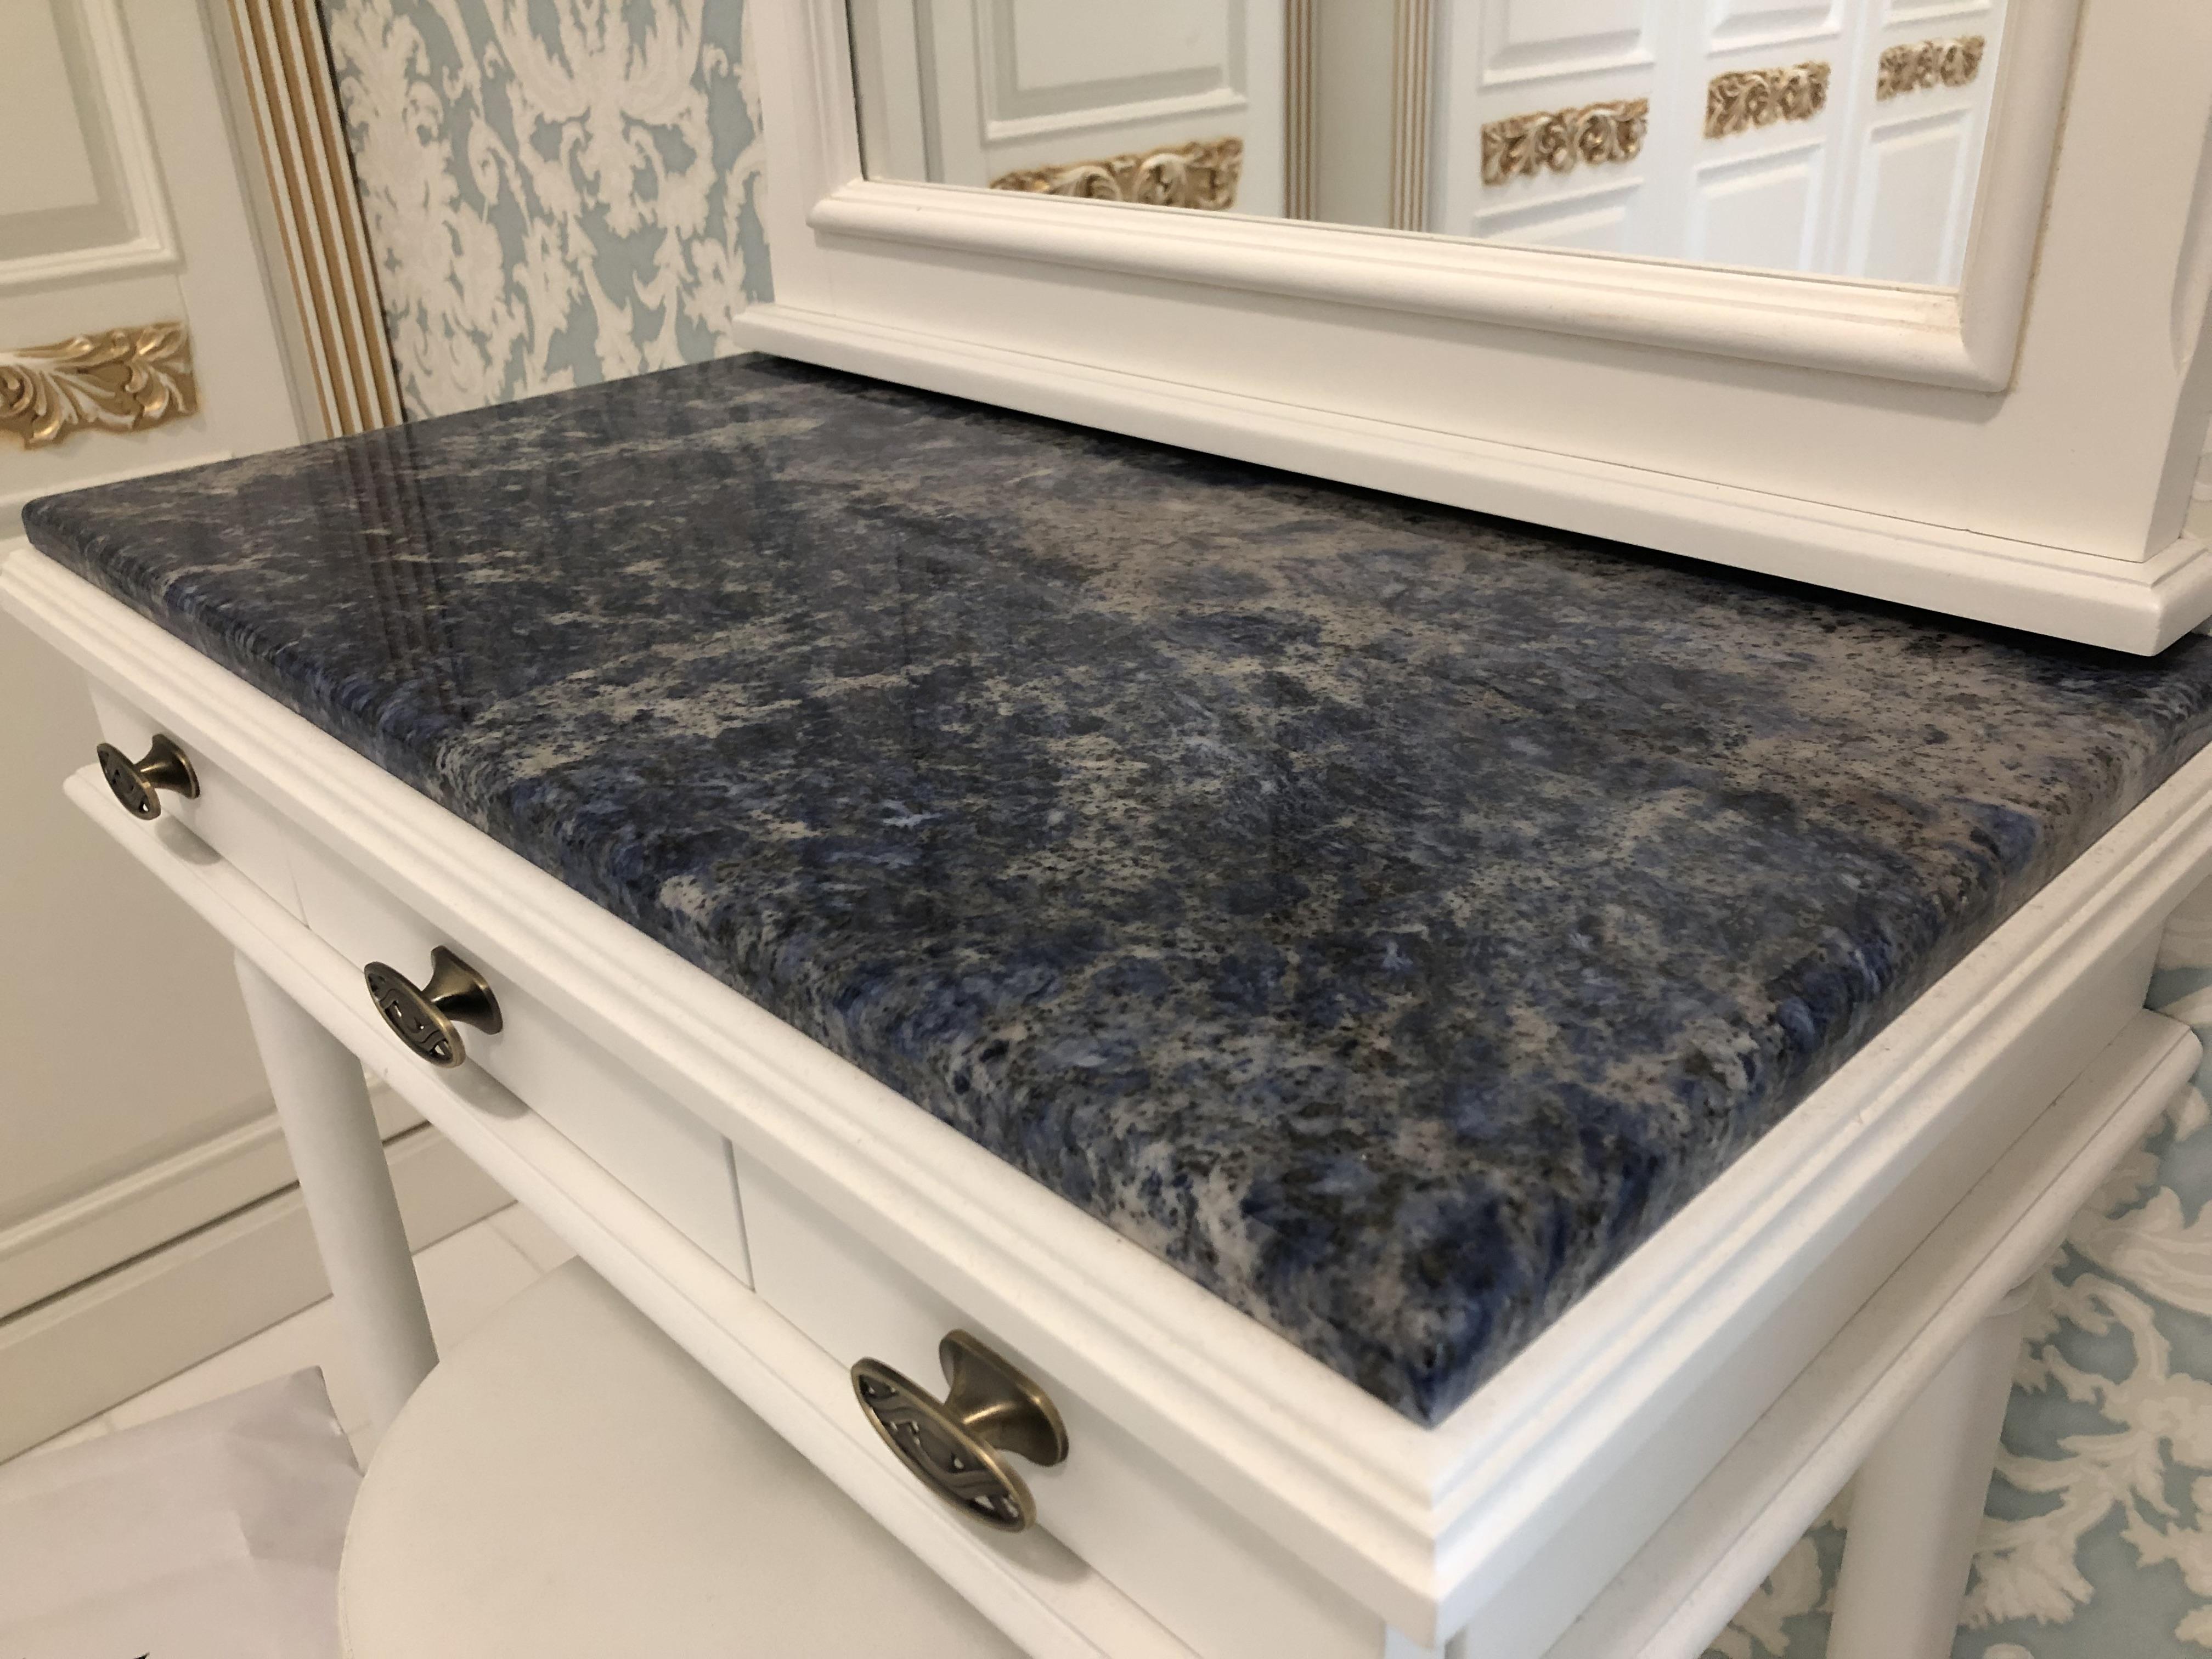 Lapis Lazuli Gránit x2cm fésülködő asztal takaró, fényes felülettel, él és oldalmegmunkálással